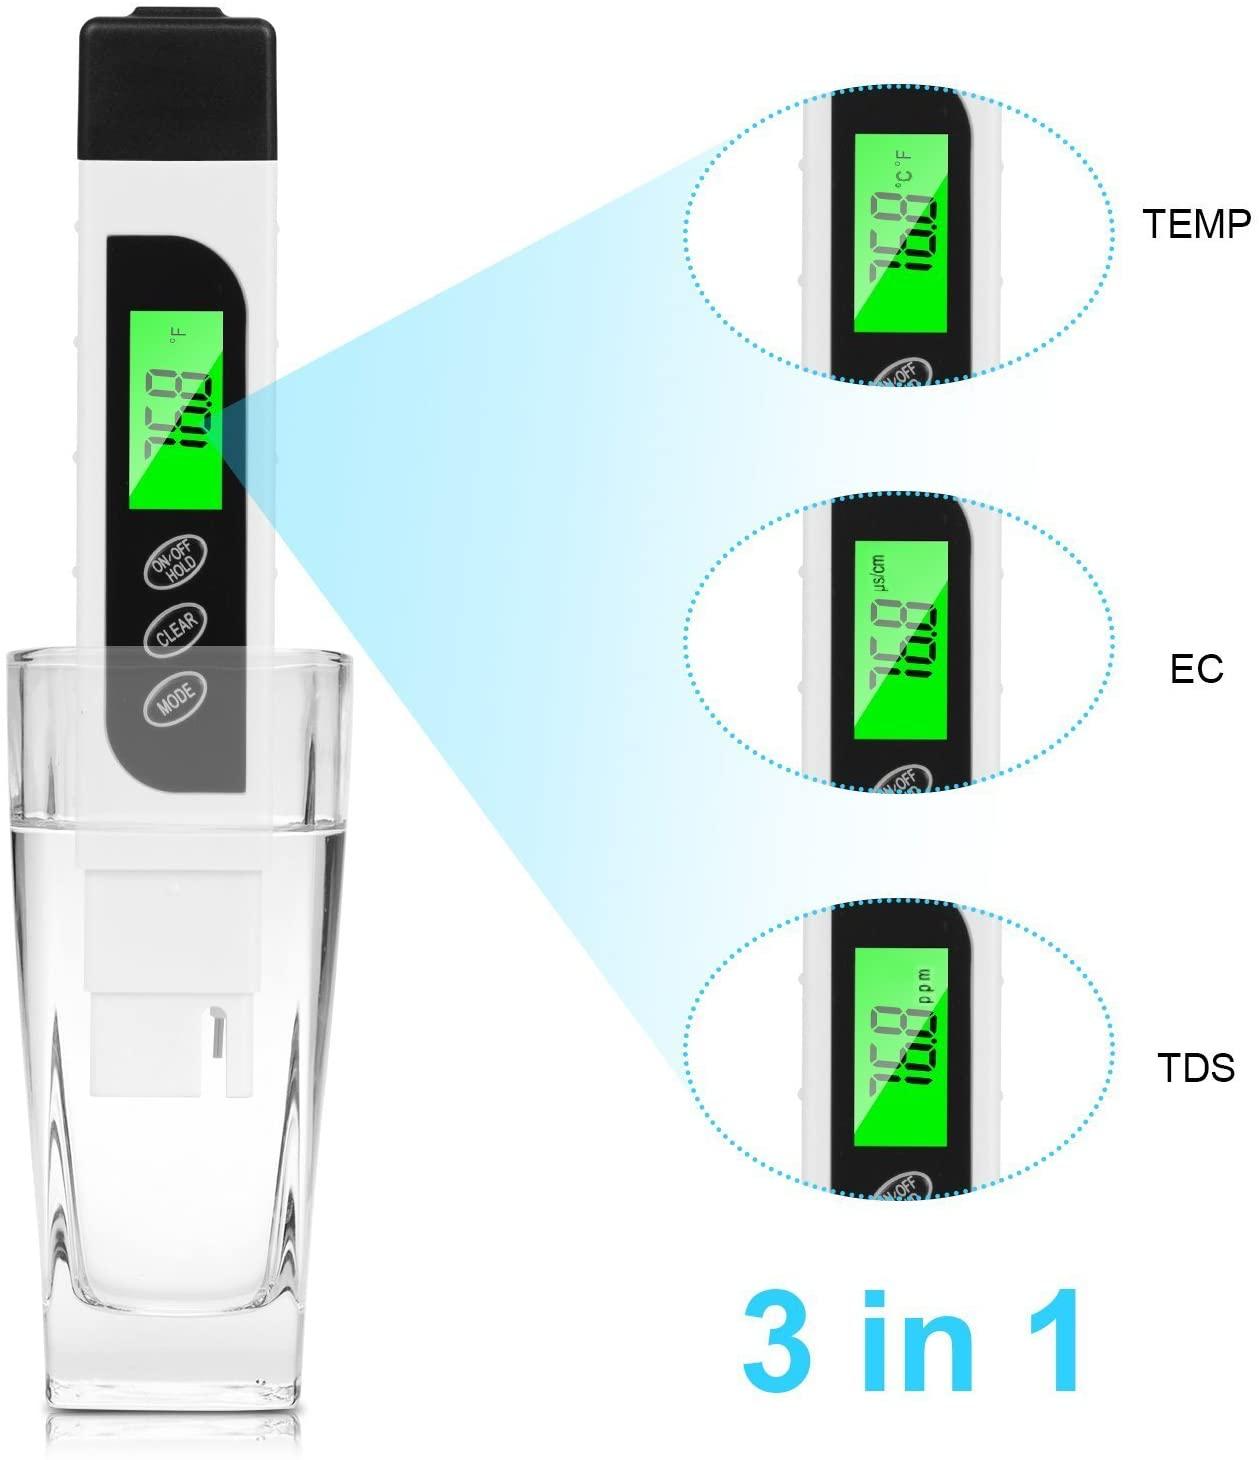 YLANK Water Quality Tester, TDS Meter Digital, EC Meter & Temperature Meter 3 in 1,Accurate TDS Range 0-9990ppm, Ideal Water Test Meter for Drinking Water, Aquariums, etc.